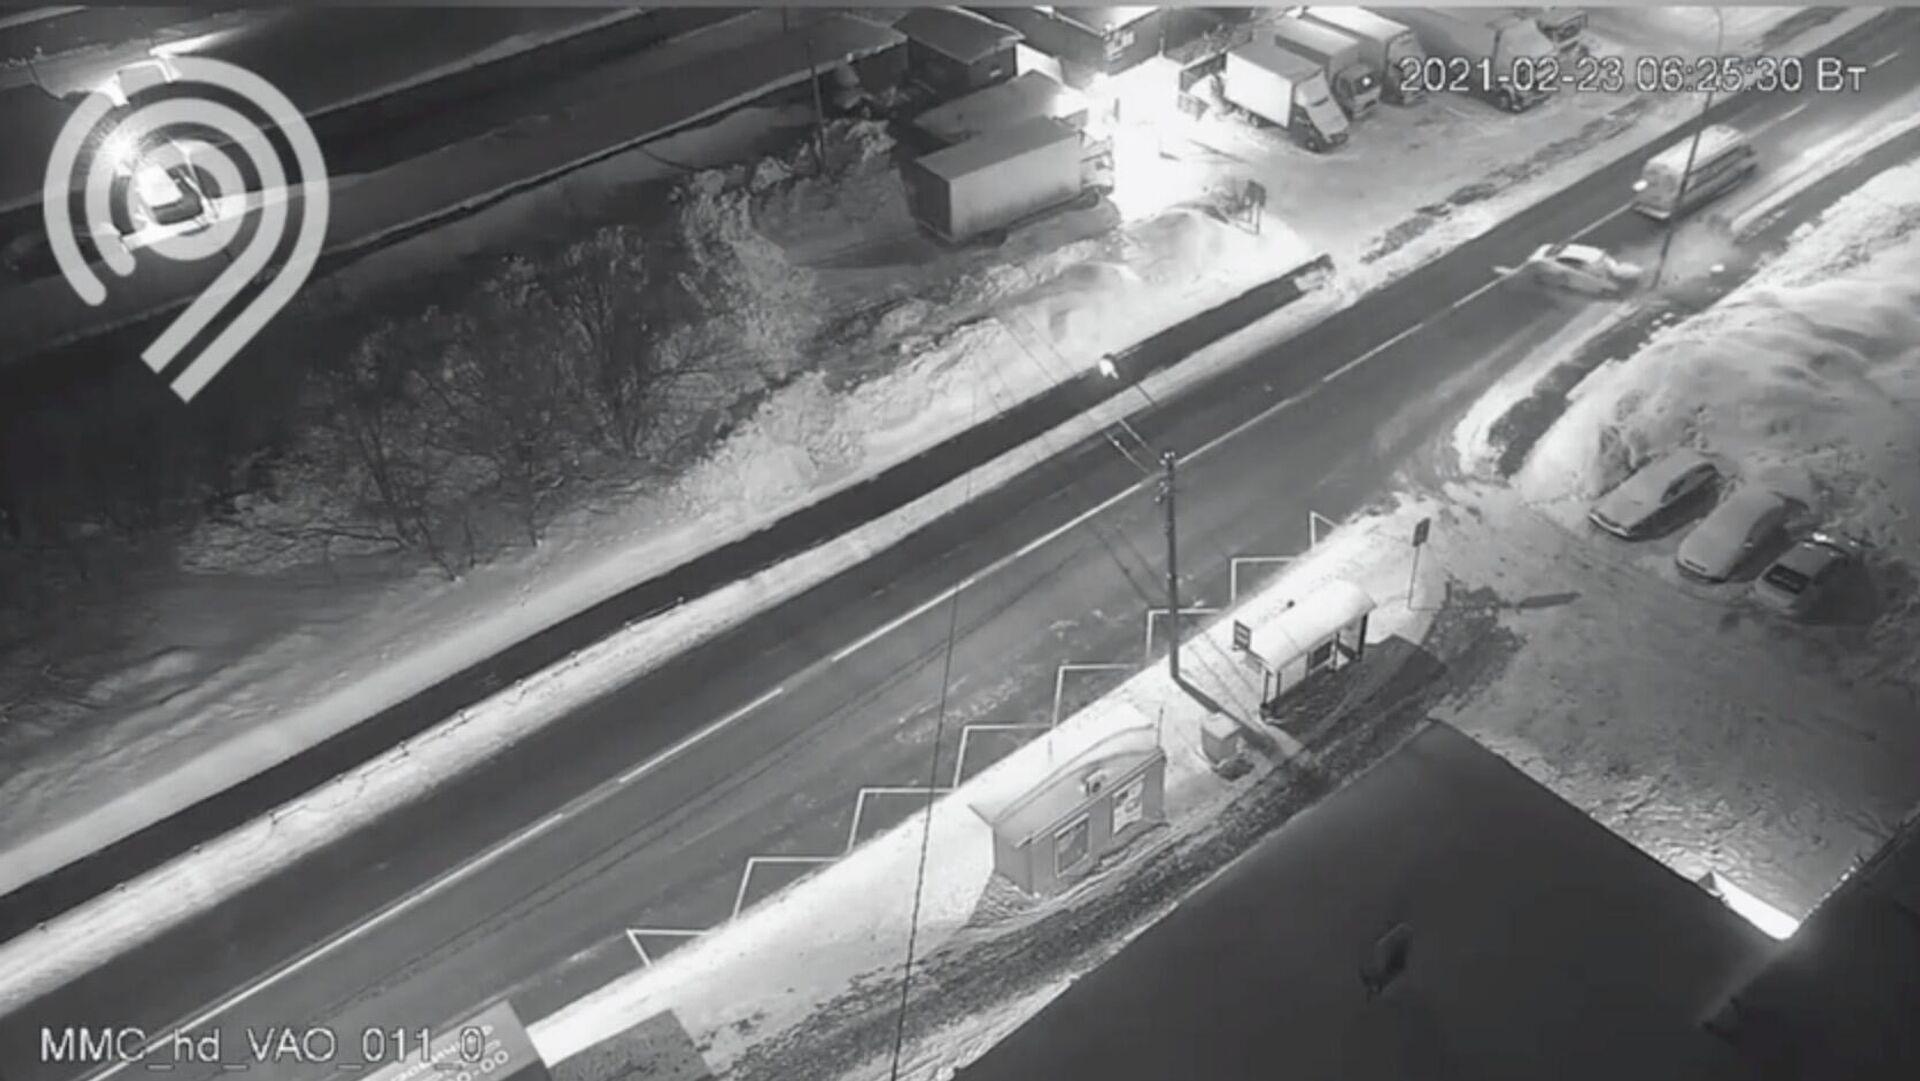 Автомобиль врезался в отбойник на улице Сталеваров в Москве - РИА Новости, 1920, 23.02.2021